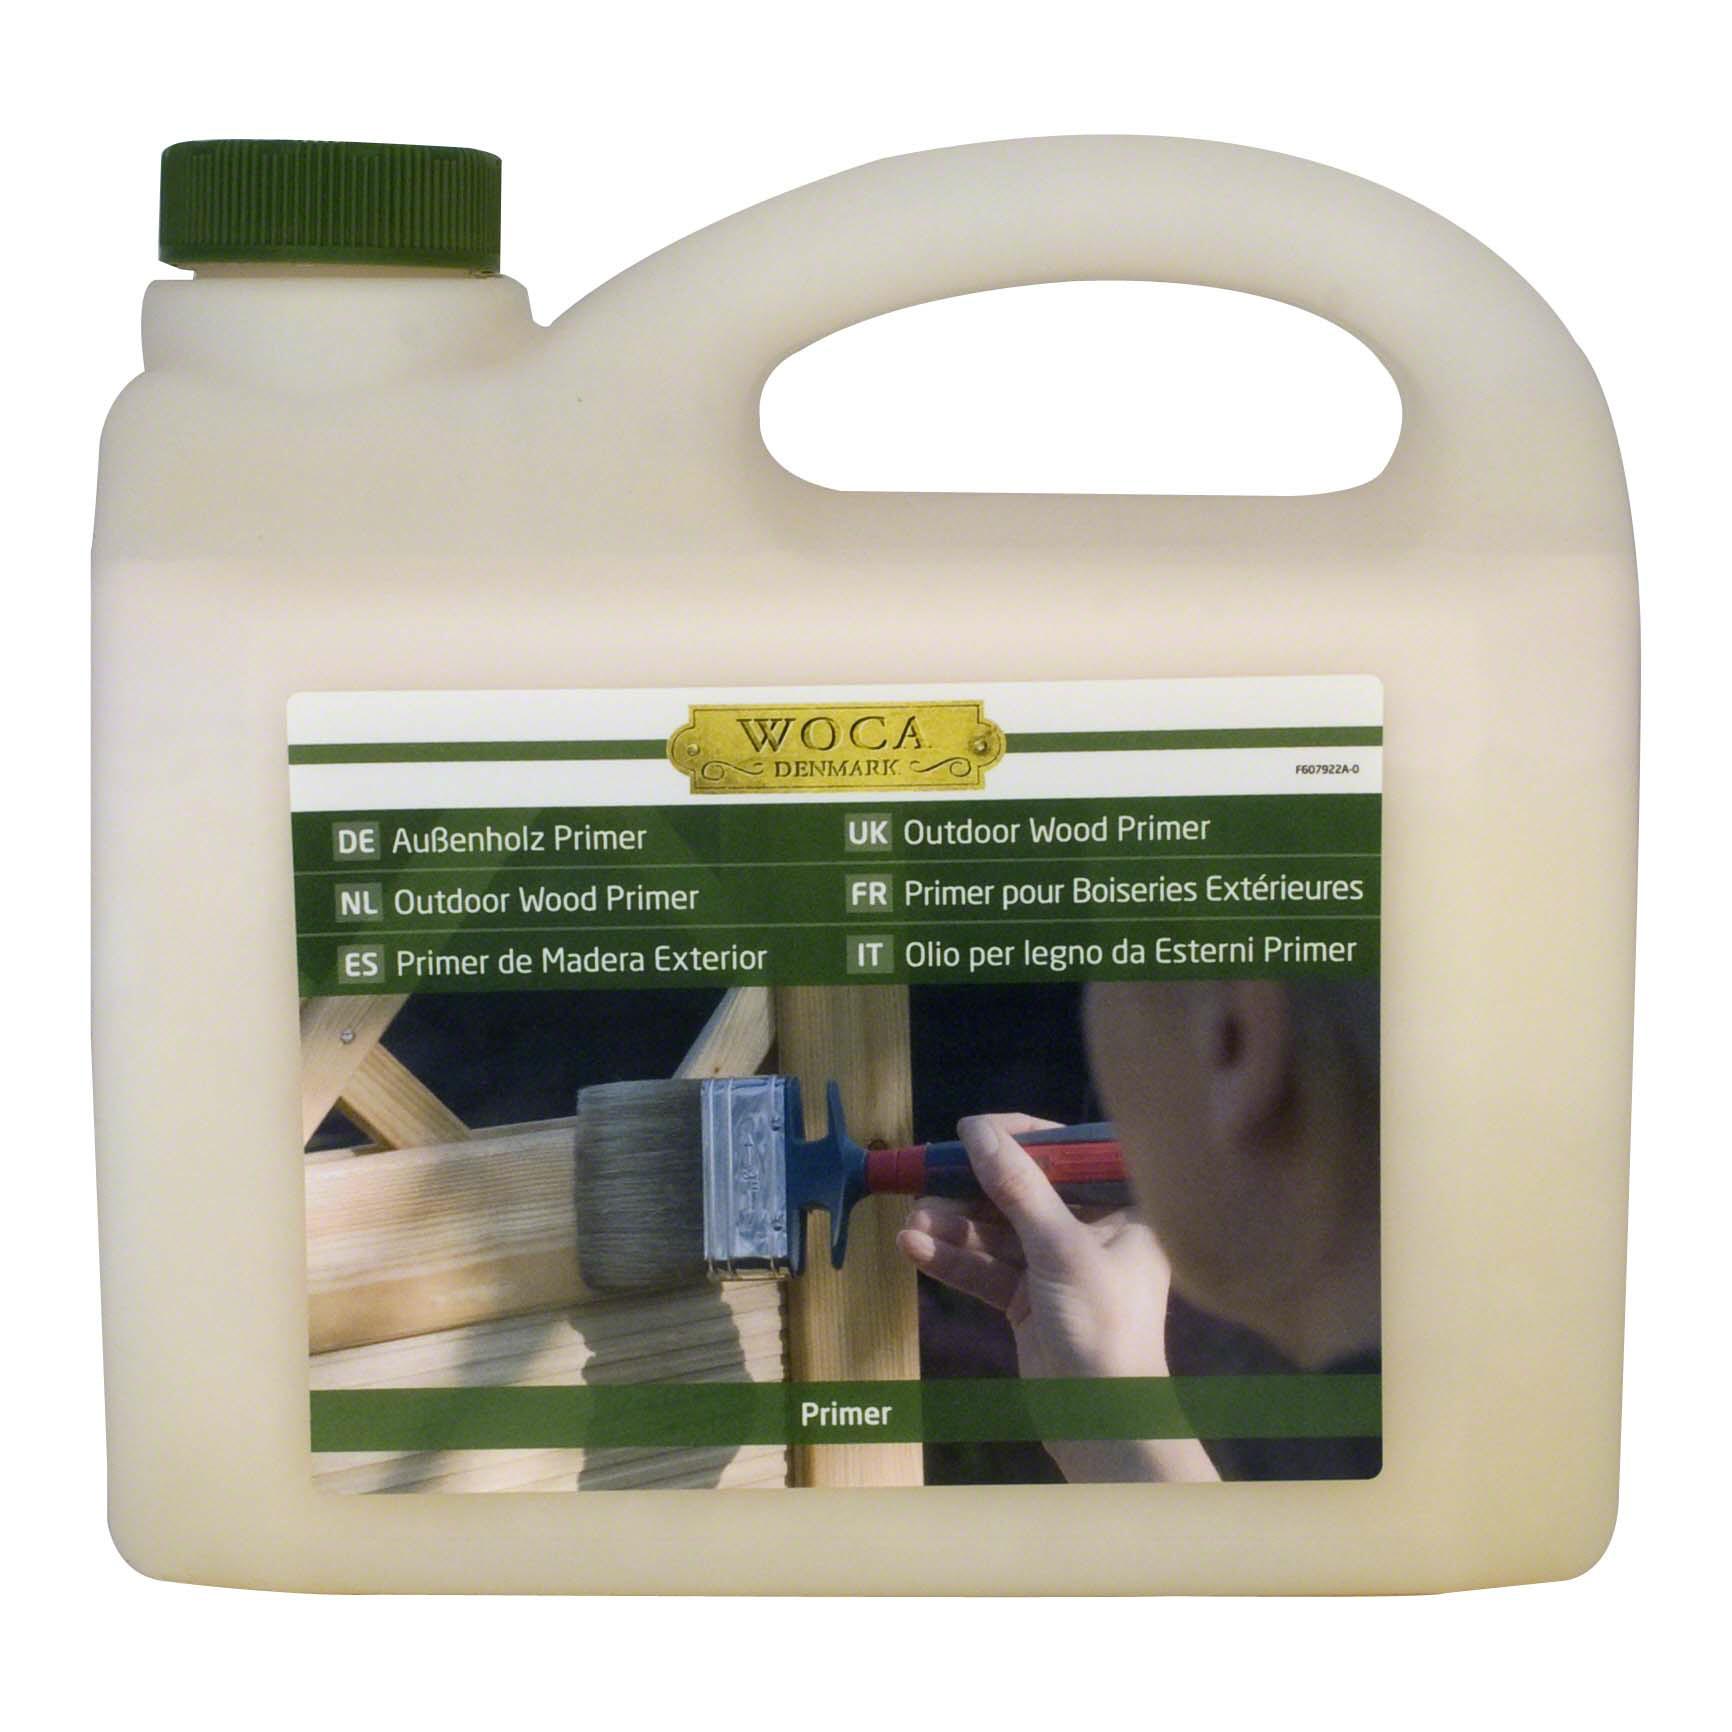 Afbeelding van Primer voor onbehandeld hout 2,5 liter